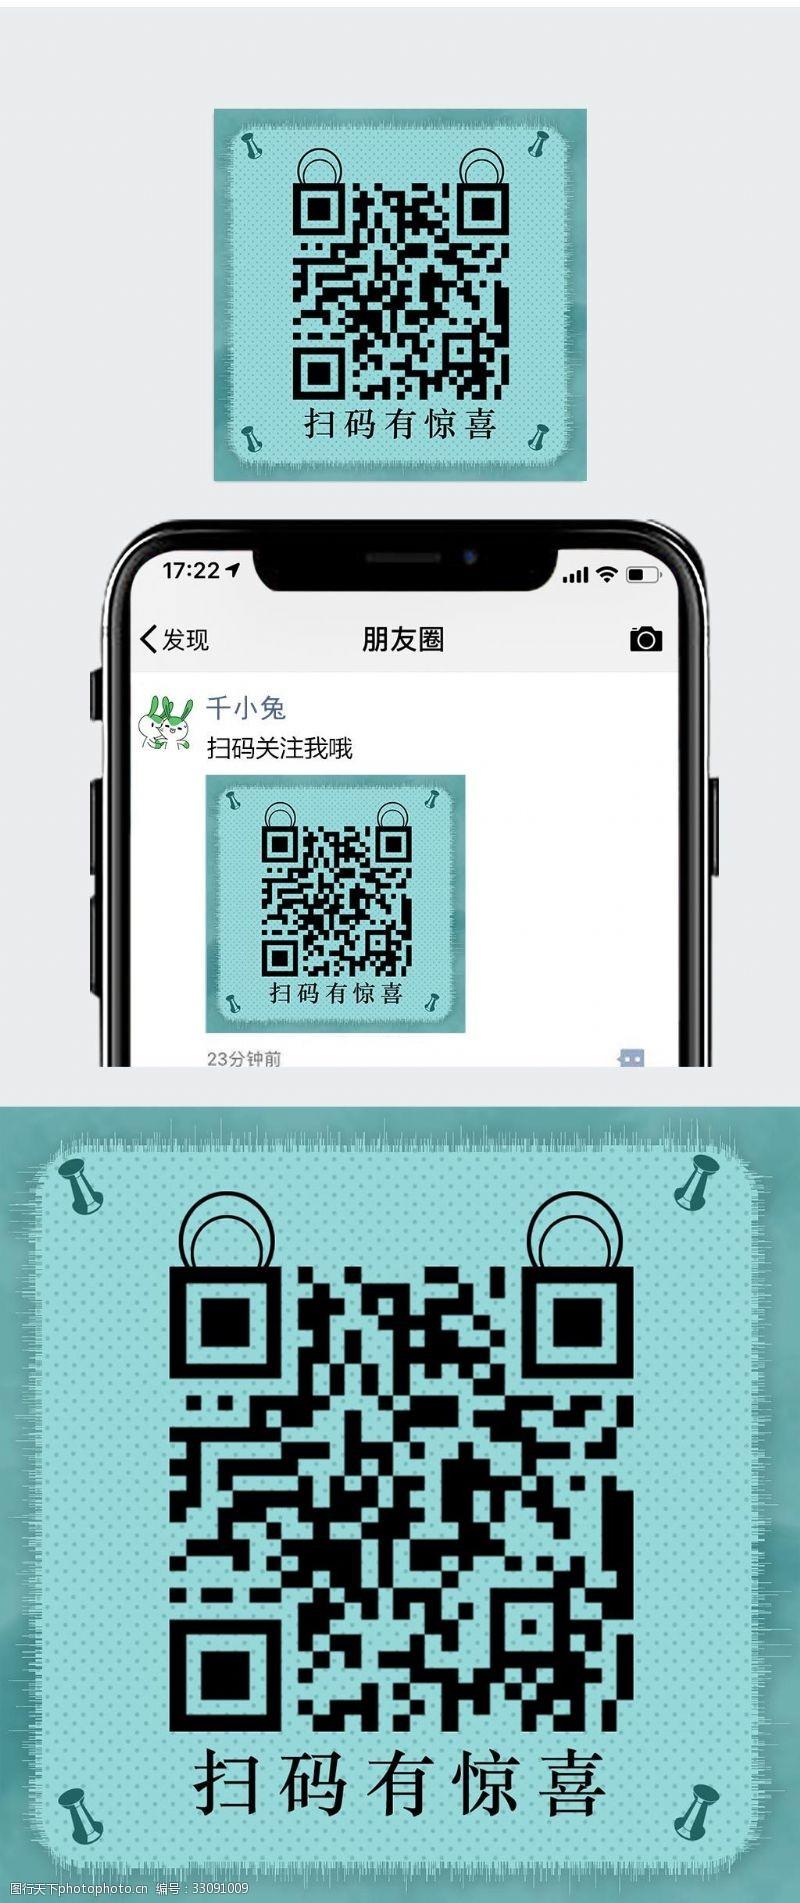 微信公众号用图创意二维码